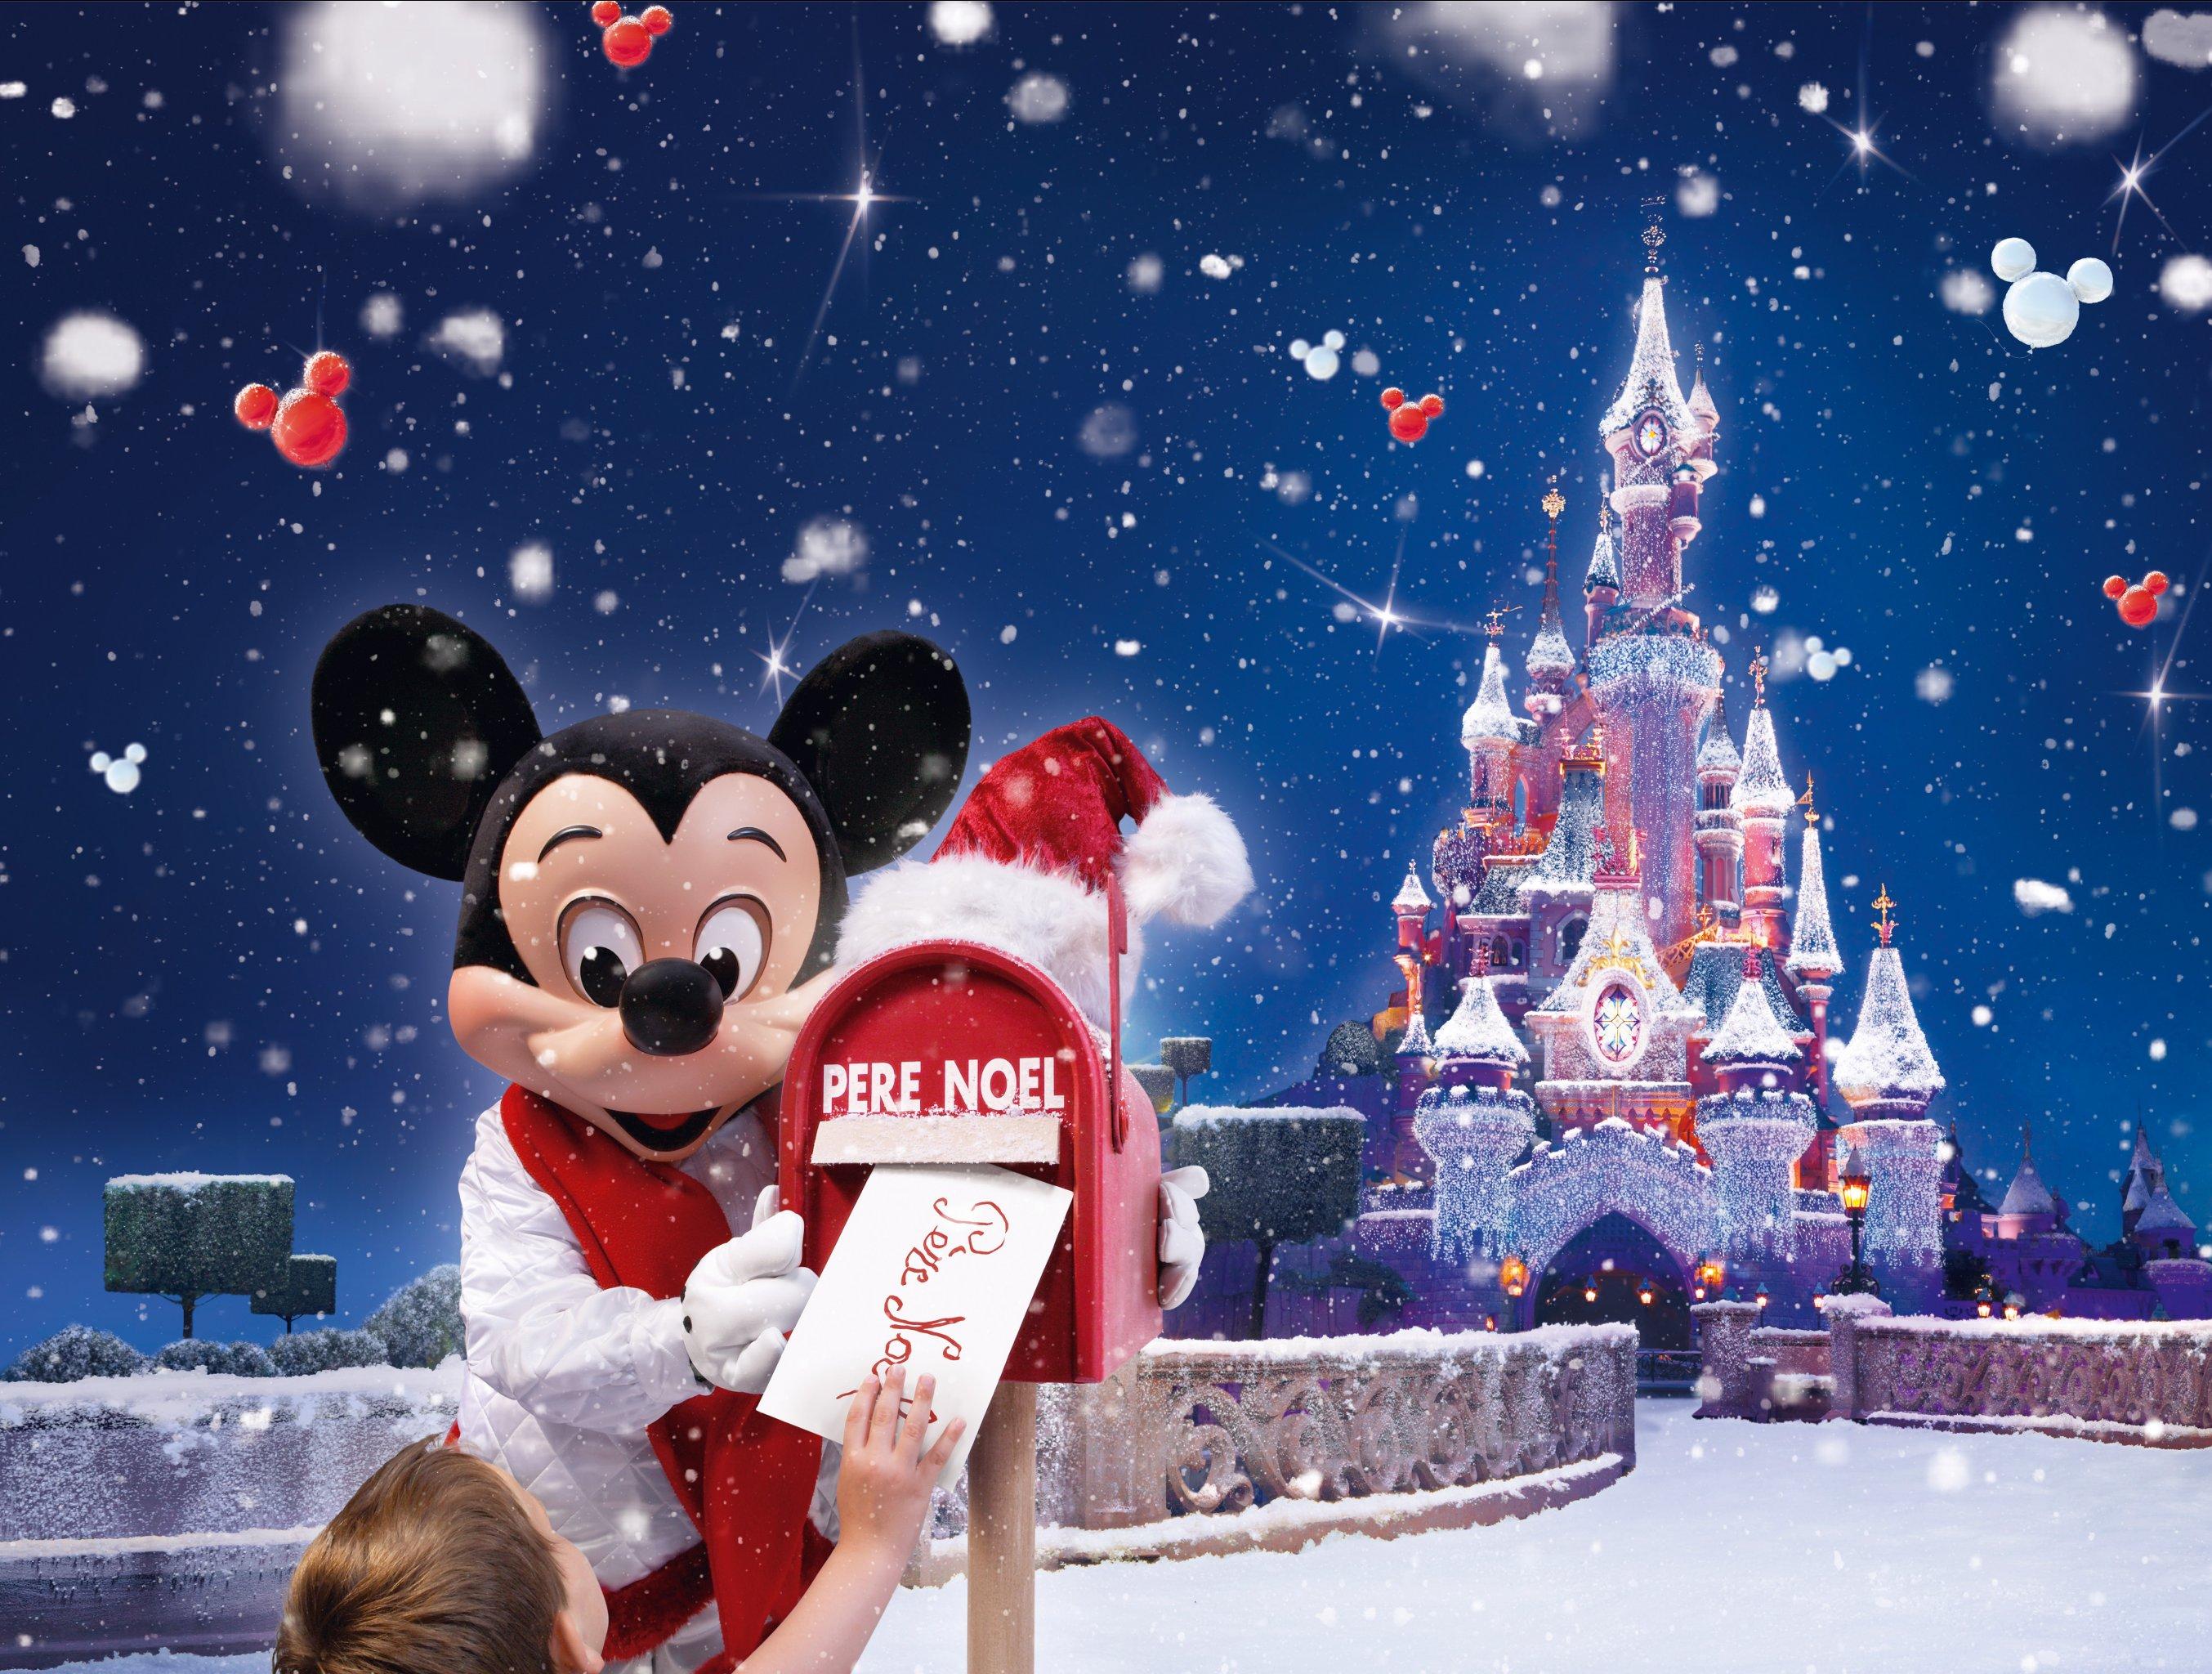 デスクトップ壁紙 2707x2048 Px クリスマス ディズニー 2707x2048